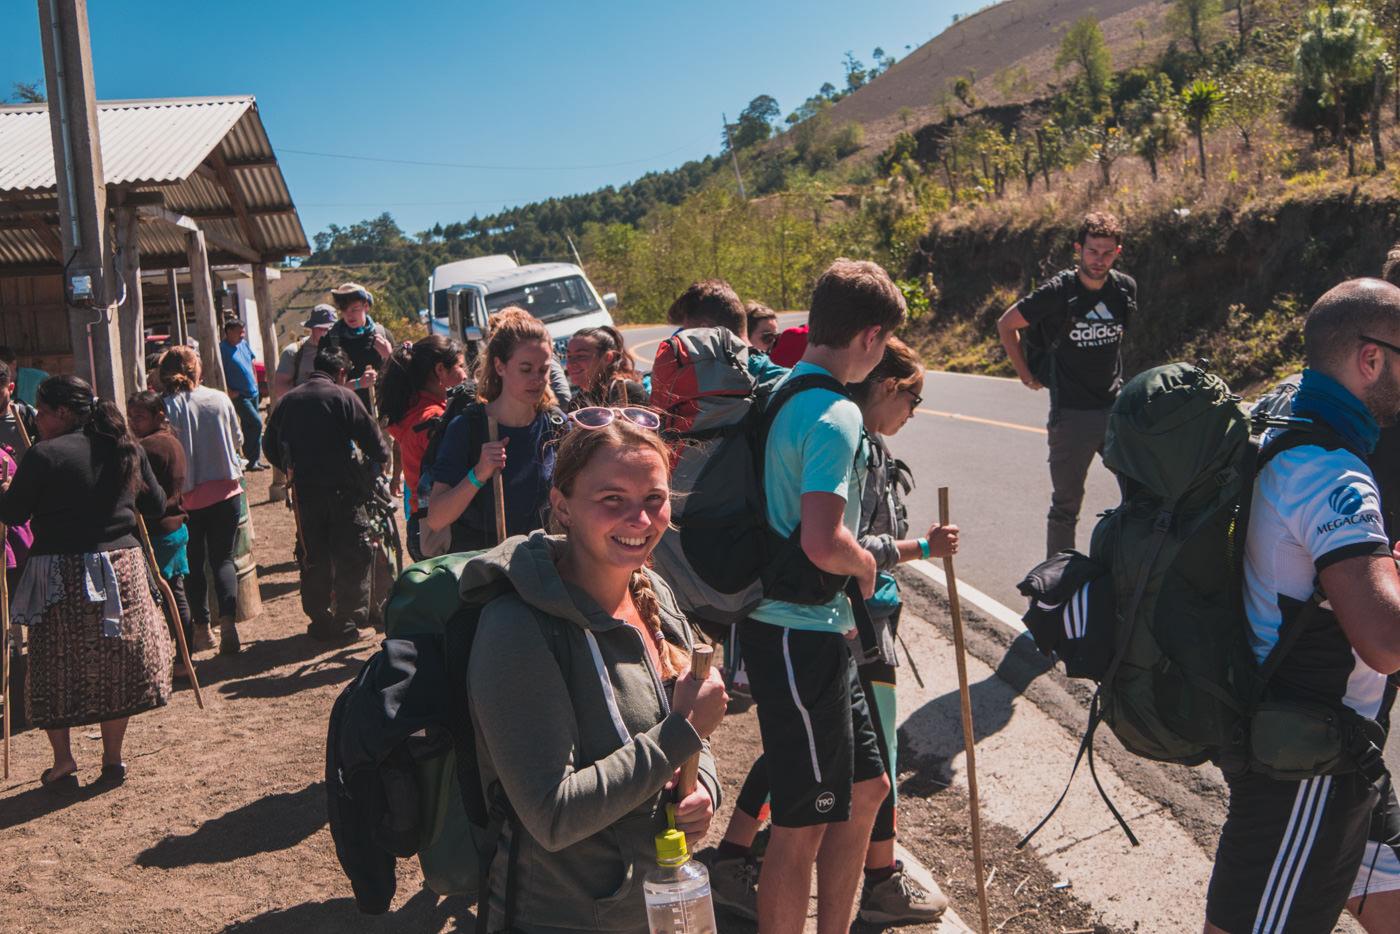 Beginn des Aufstiegs zum Vulkan Acatenango